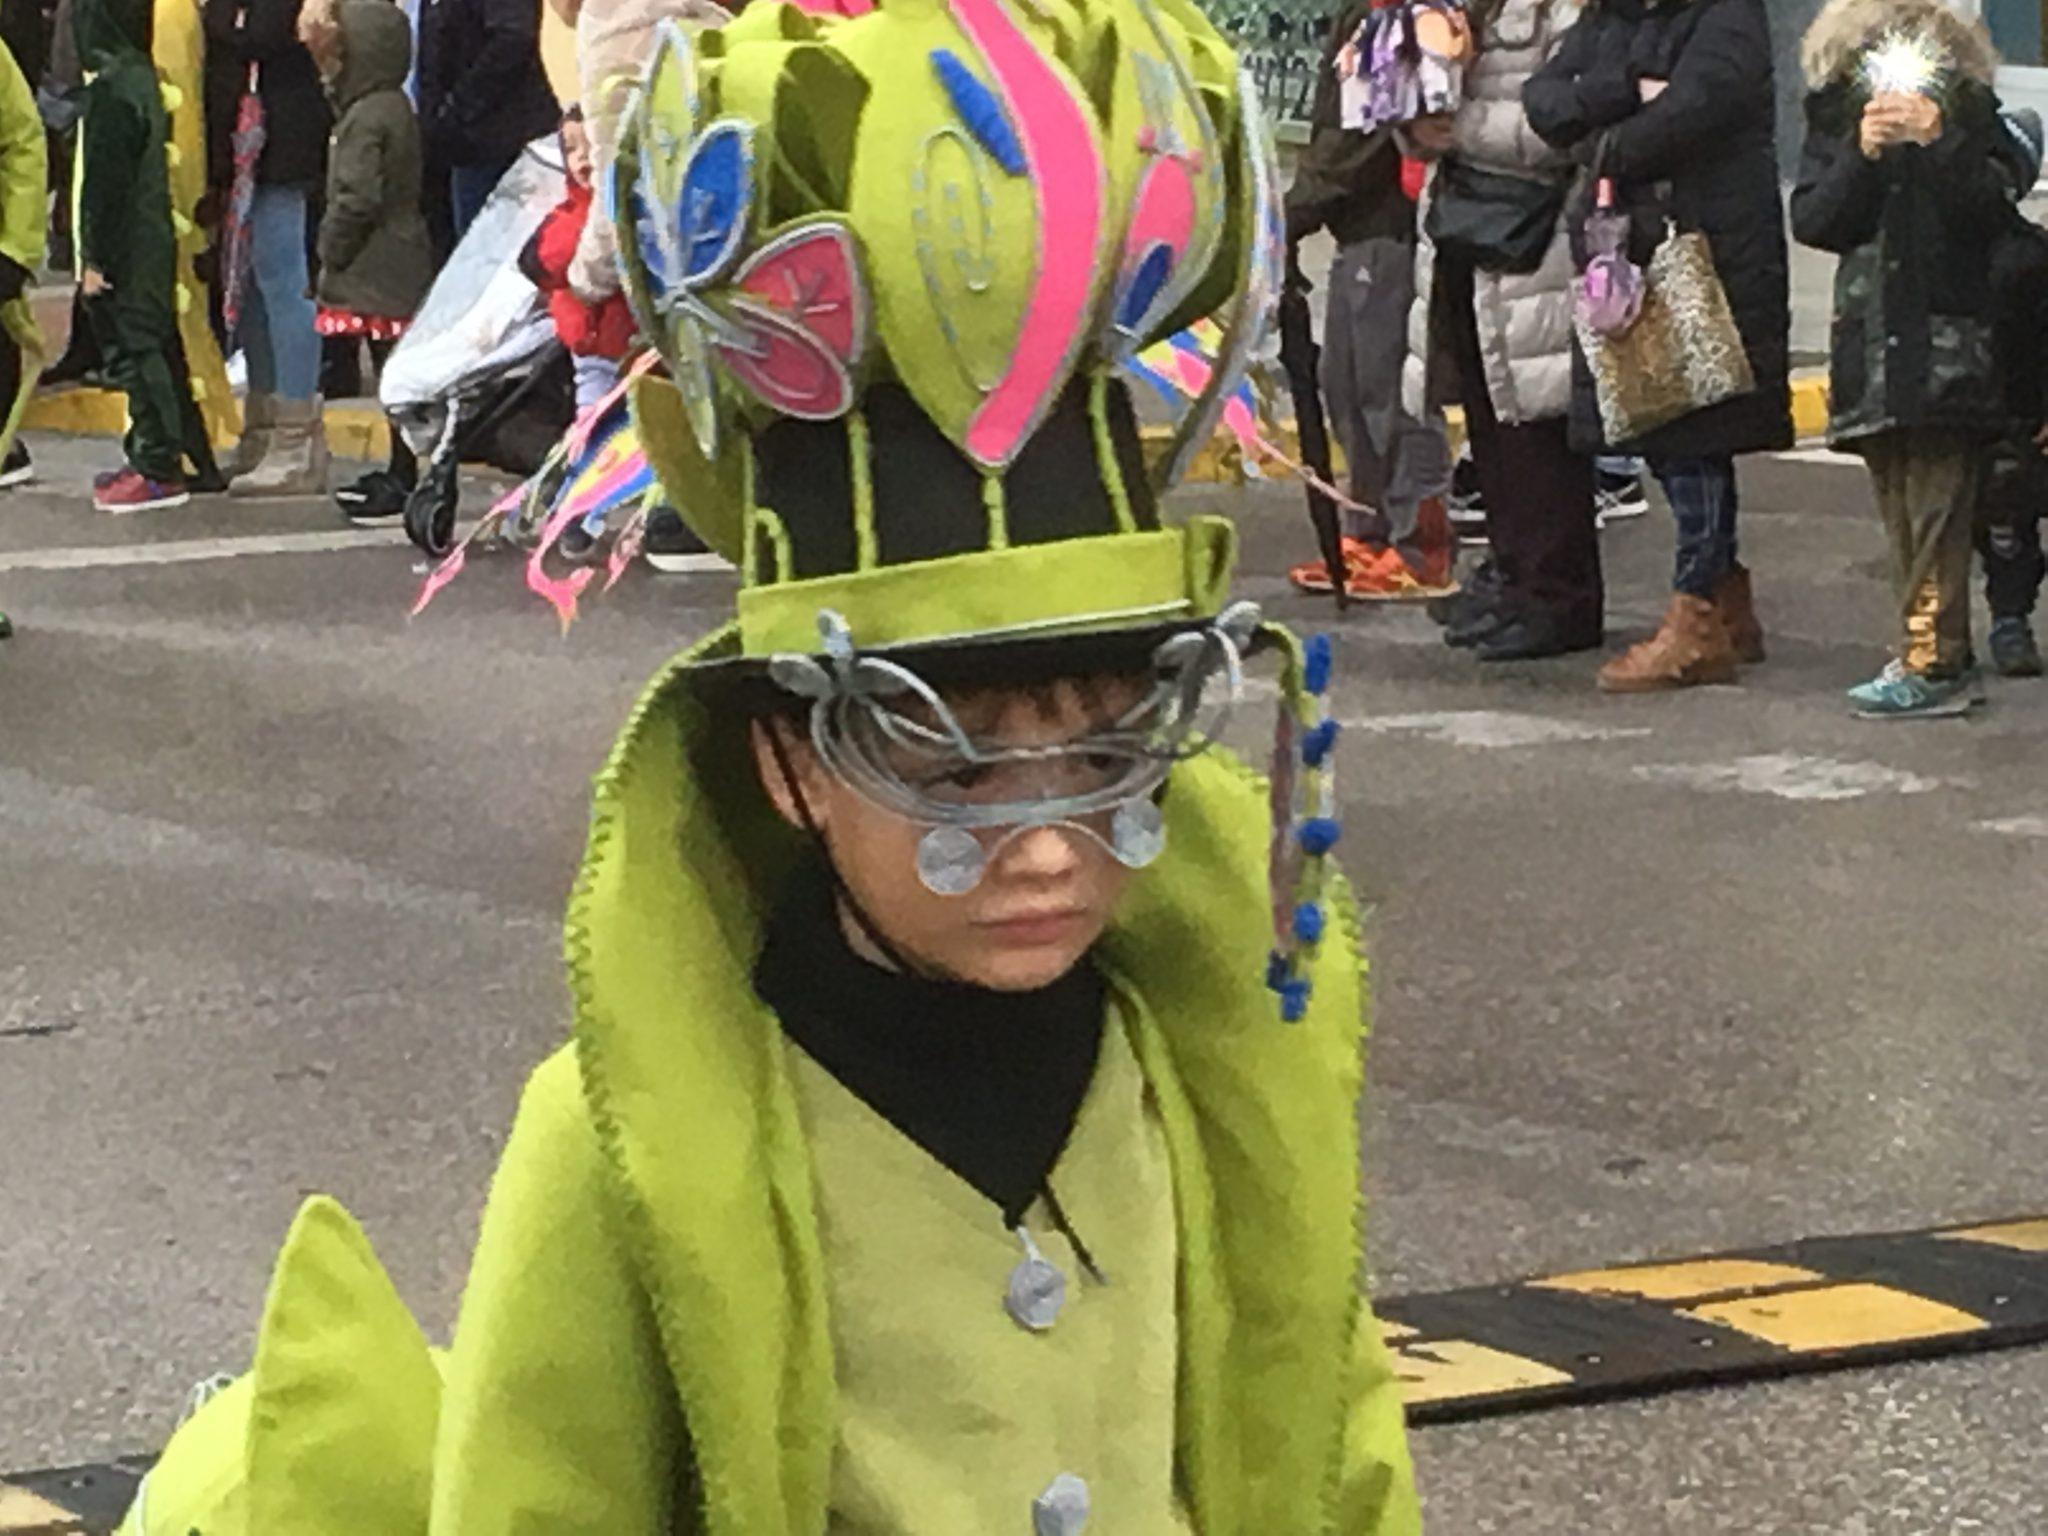 Álbum de fotos del martes de Carnaval 2019 en Ponferrada 11